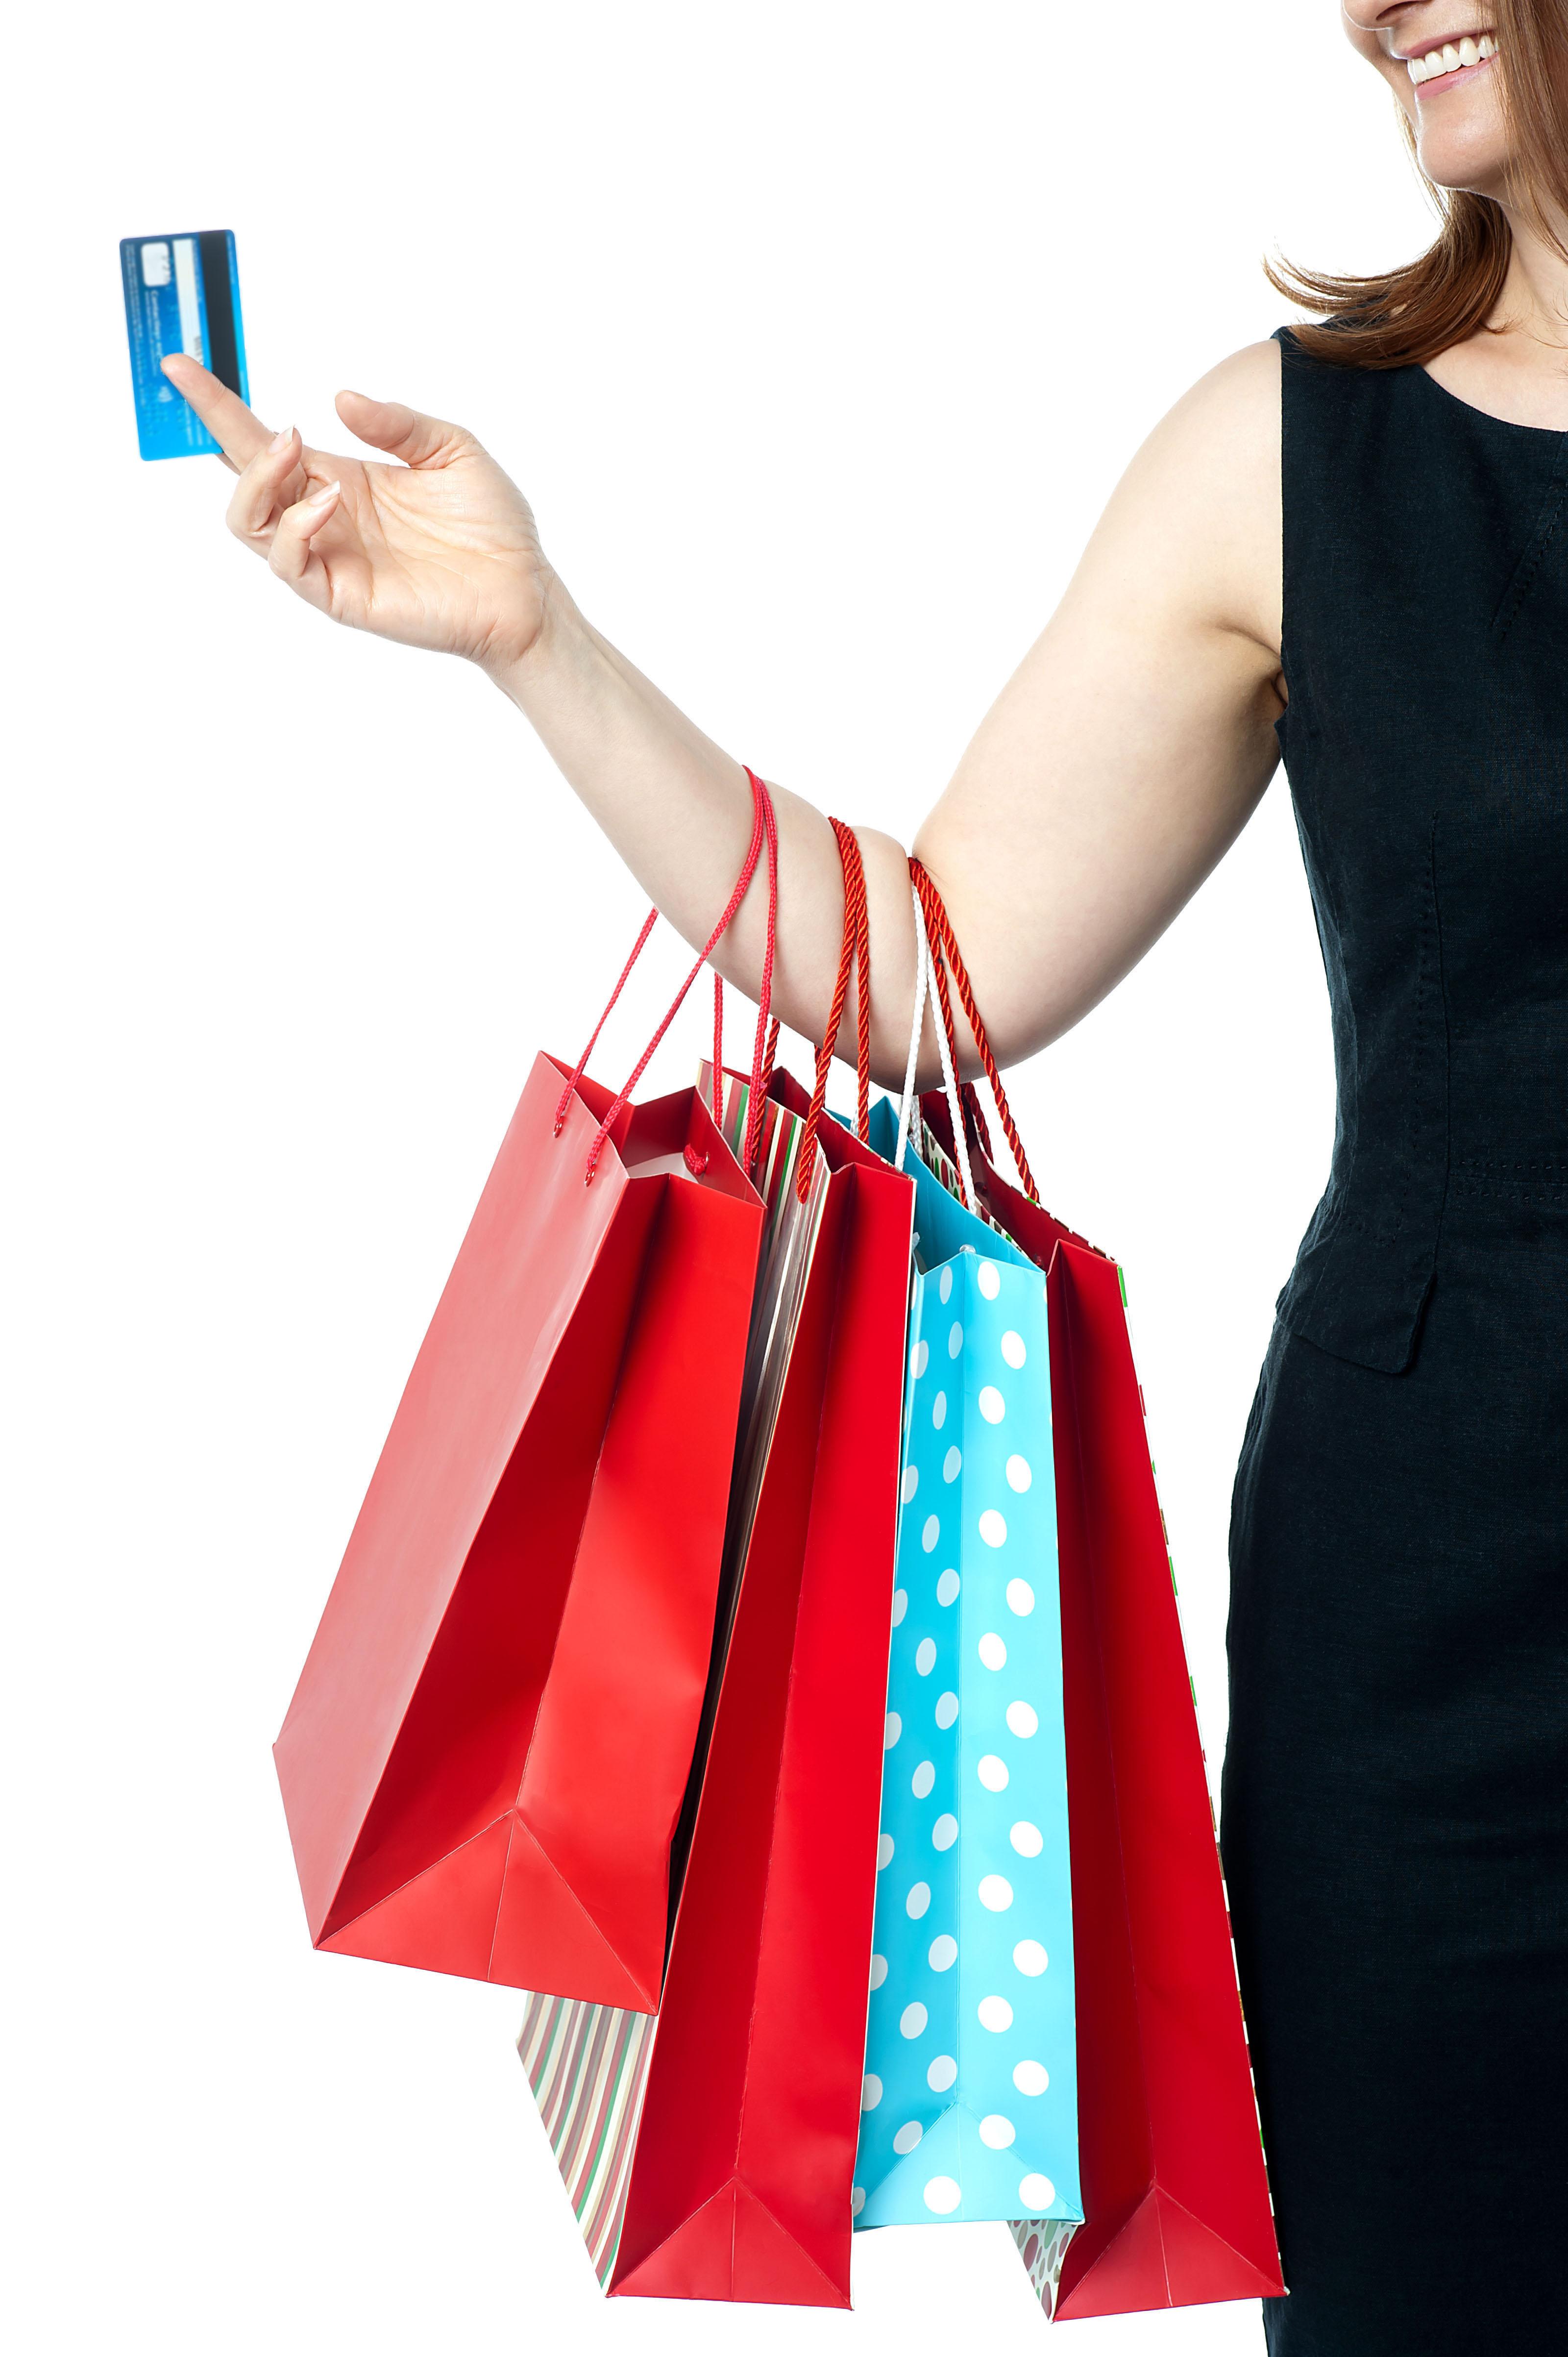 Women Shopping PNG Image.